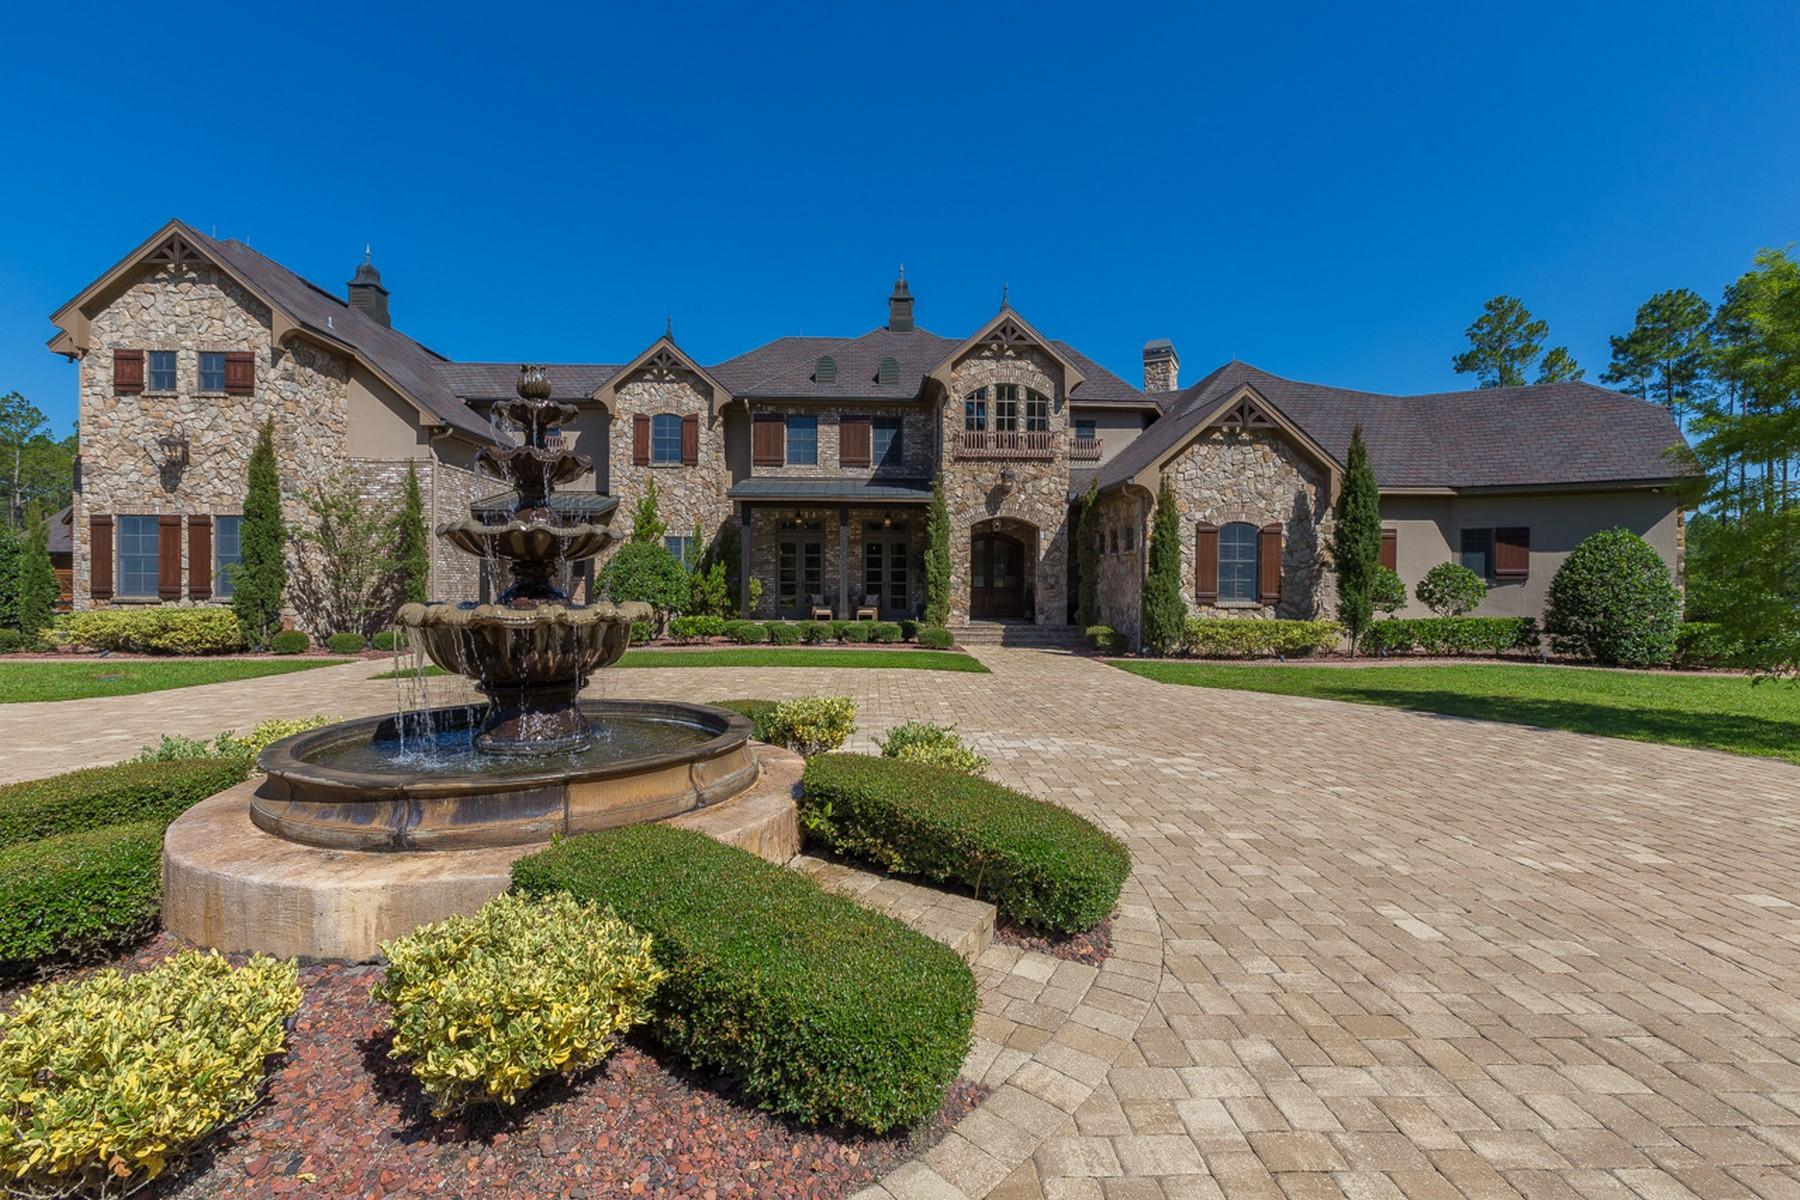 Частный односемейный дом для того Продажа на Exquisite Old World Equestrian Estate 417 Triple Crown Lane St. Johns, Флорида, 32259 Соединенные Штаты